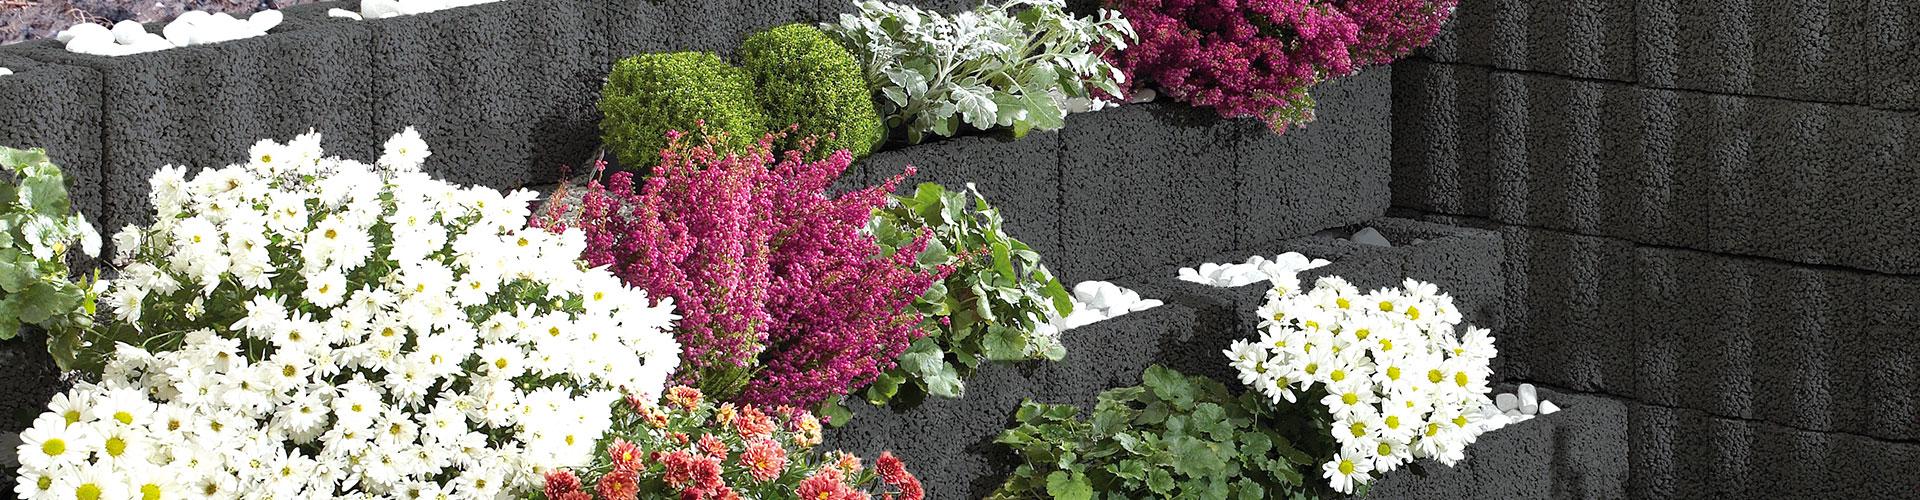 Kann Bausysteme Begrunung Von Pflanzwanden Mauerkronen